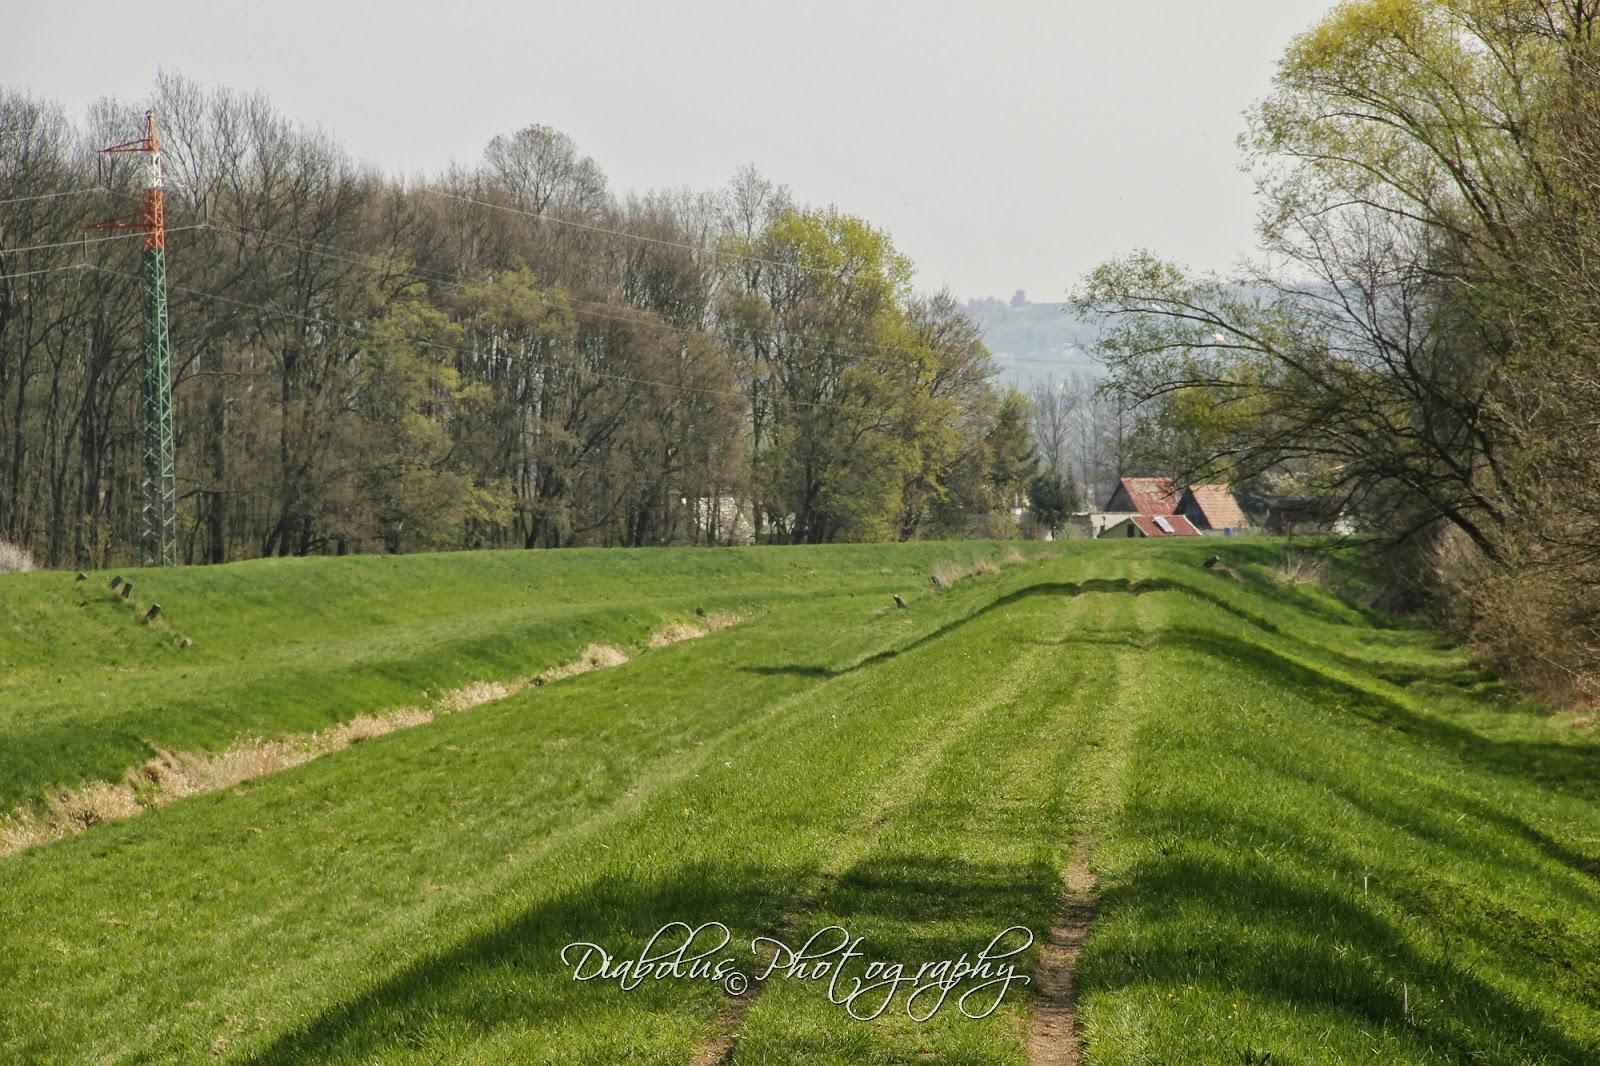 Pohled na zahrádkářskou osadu Baráky od Moravy